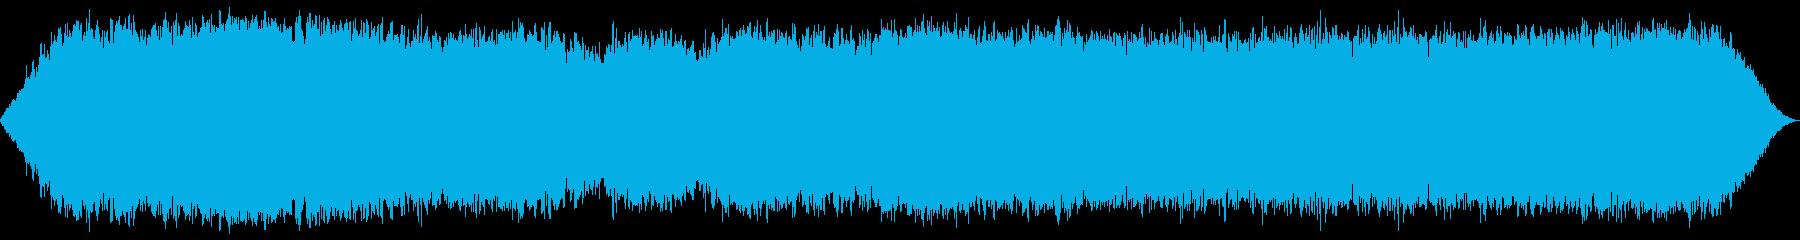 不均一なヘビースタティック、SCI...の再生済みの波形